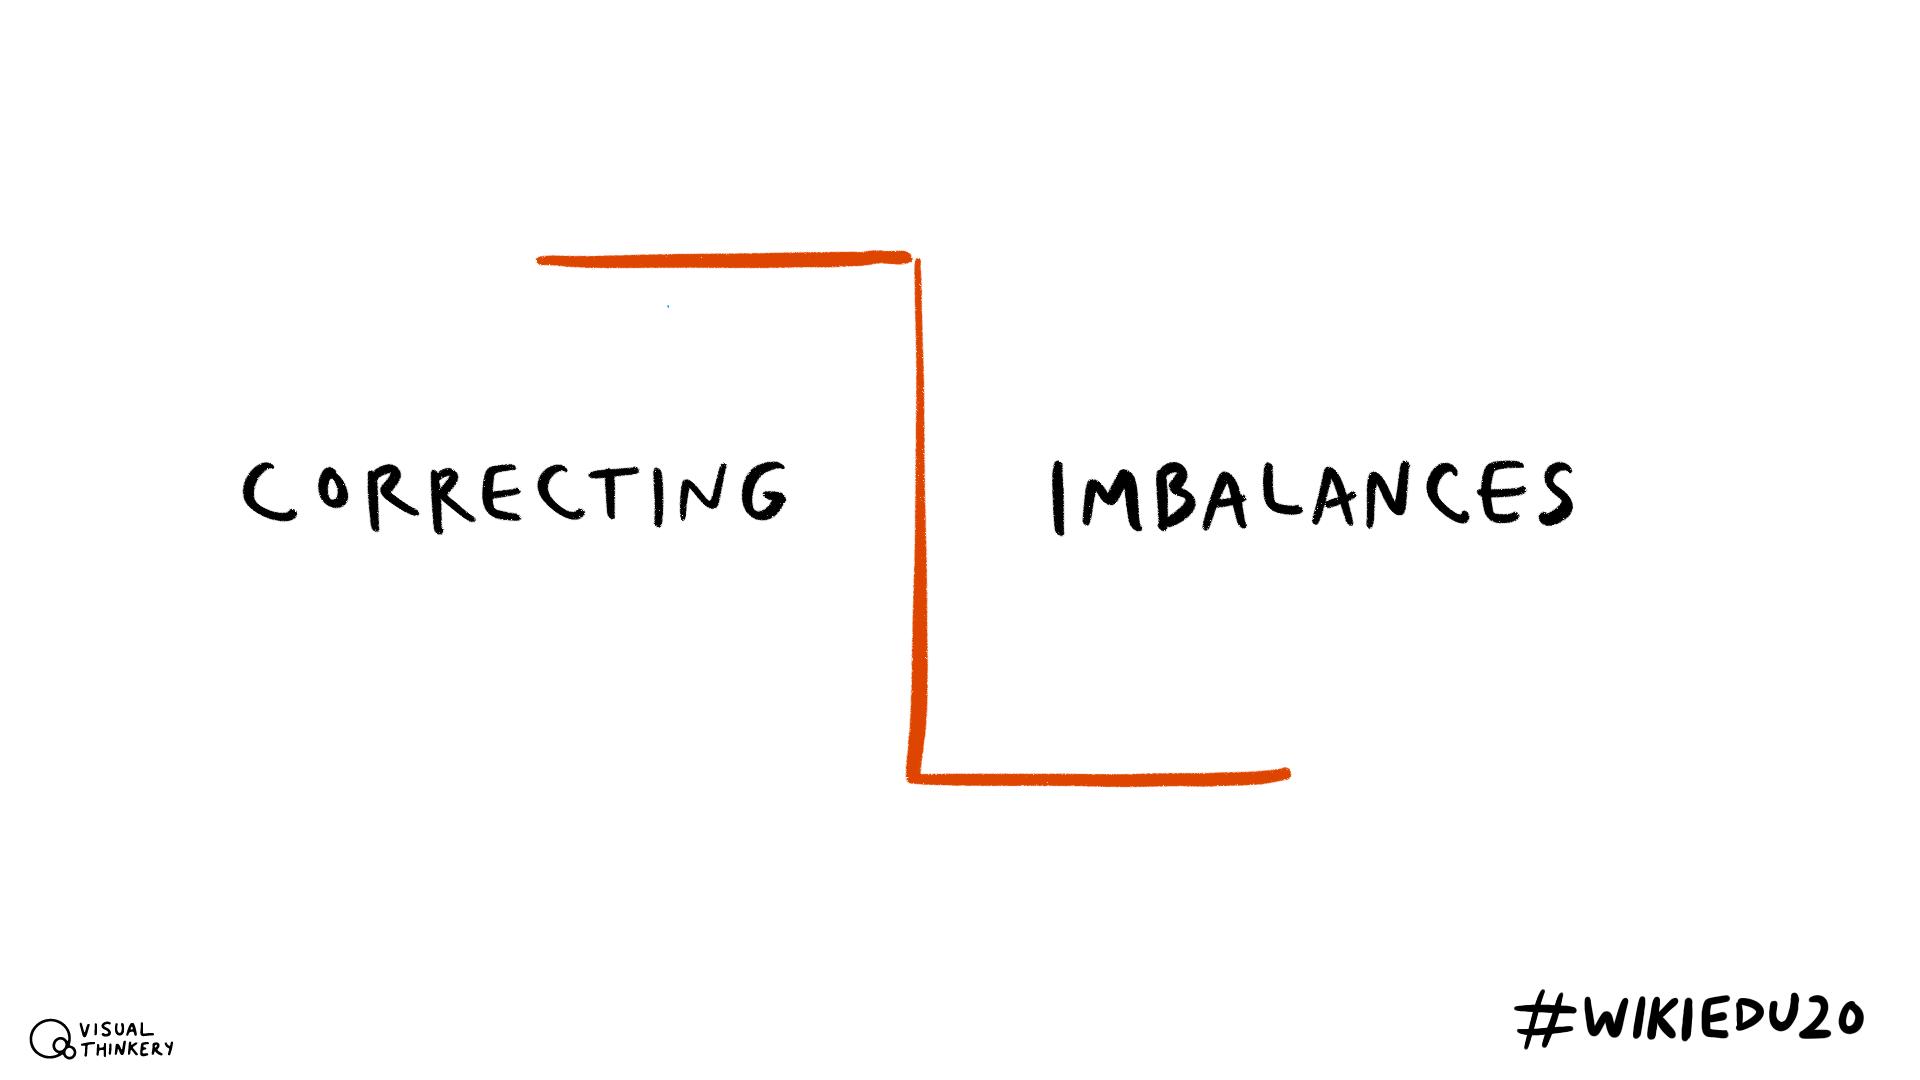 Correcting Imbalances